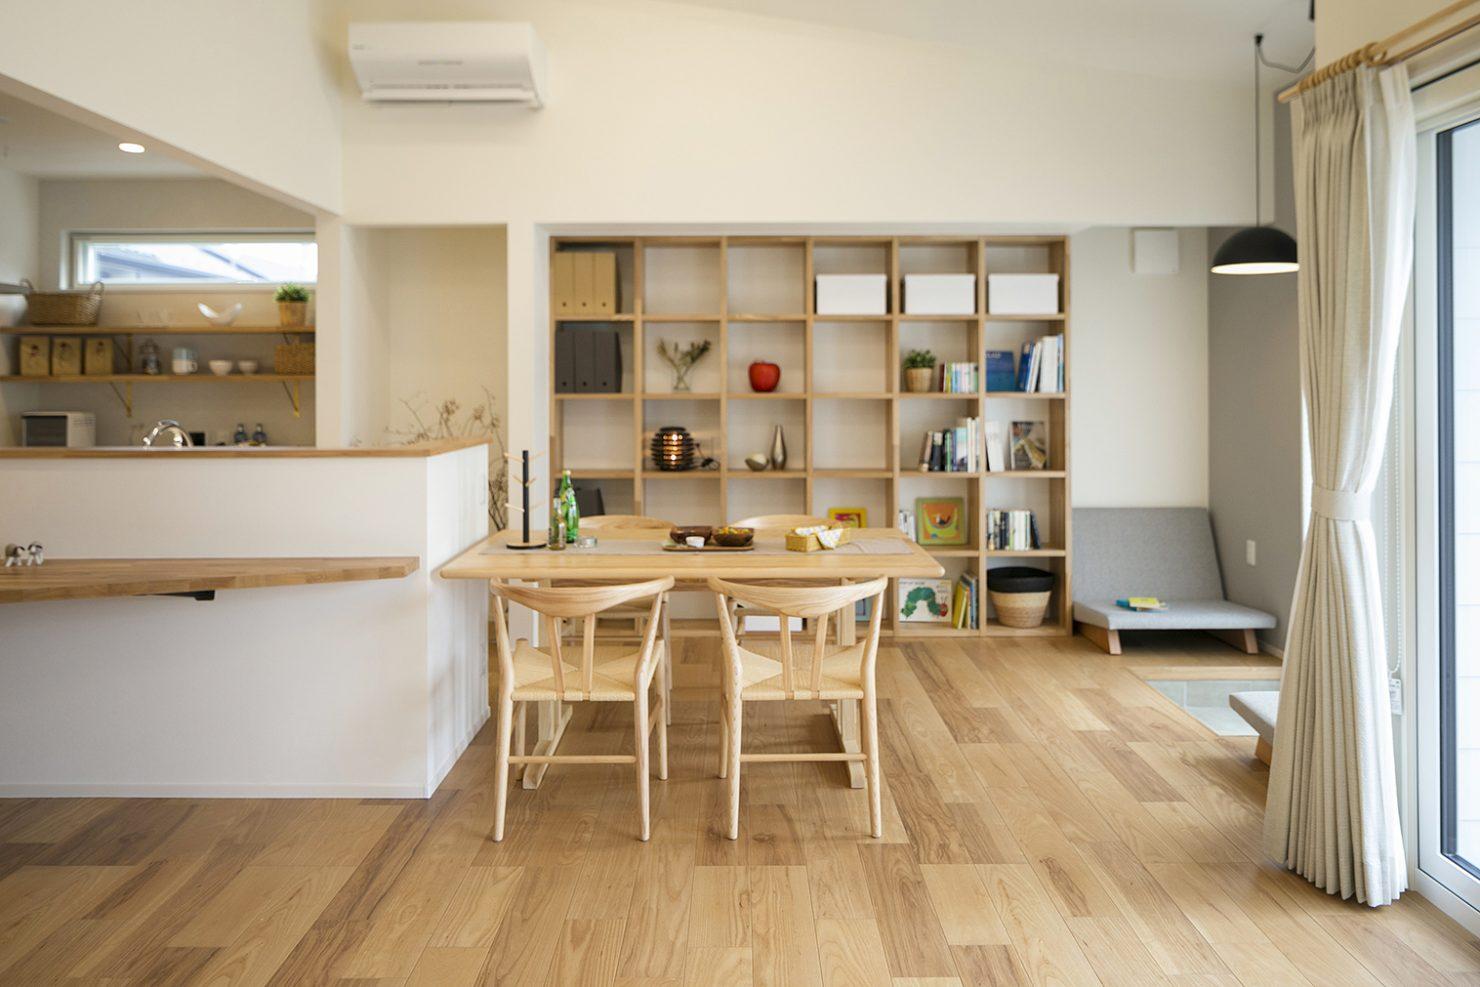 ハウスM21「時代に即した新たな形の「平屋」空間」ダイニング写真